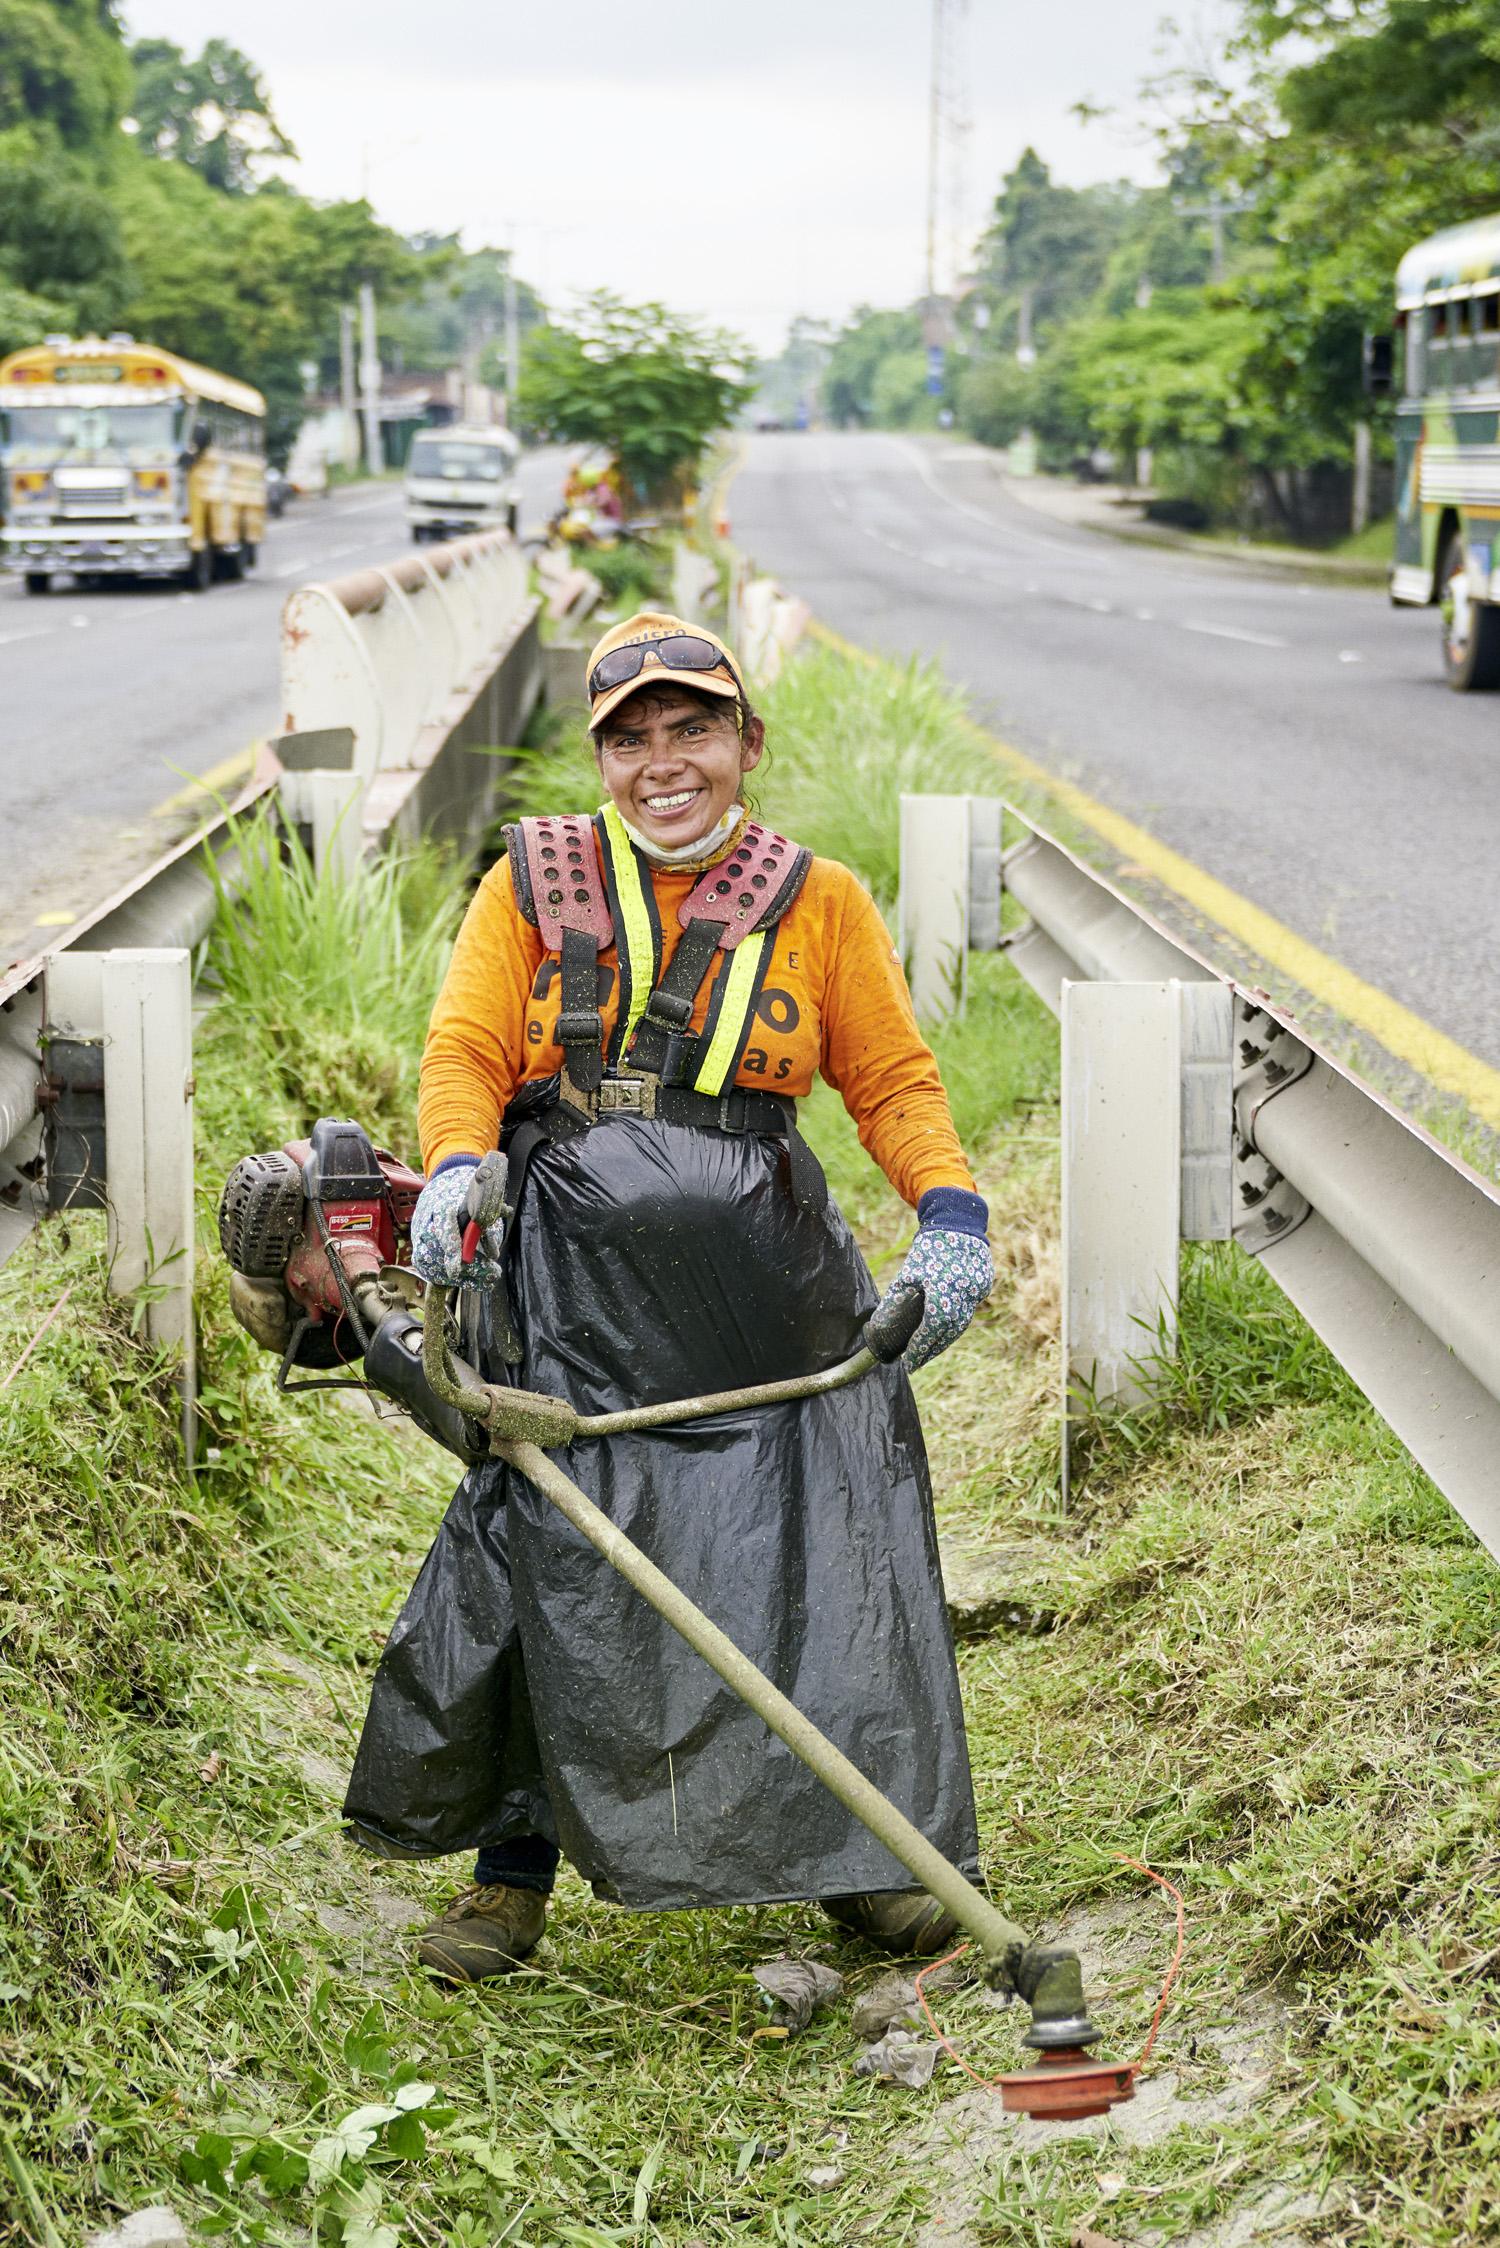 Inequalities_El_Salvador_Road-maintenance-women_20160723_El_Salvador_DSC00966.jpg